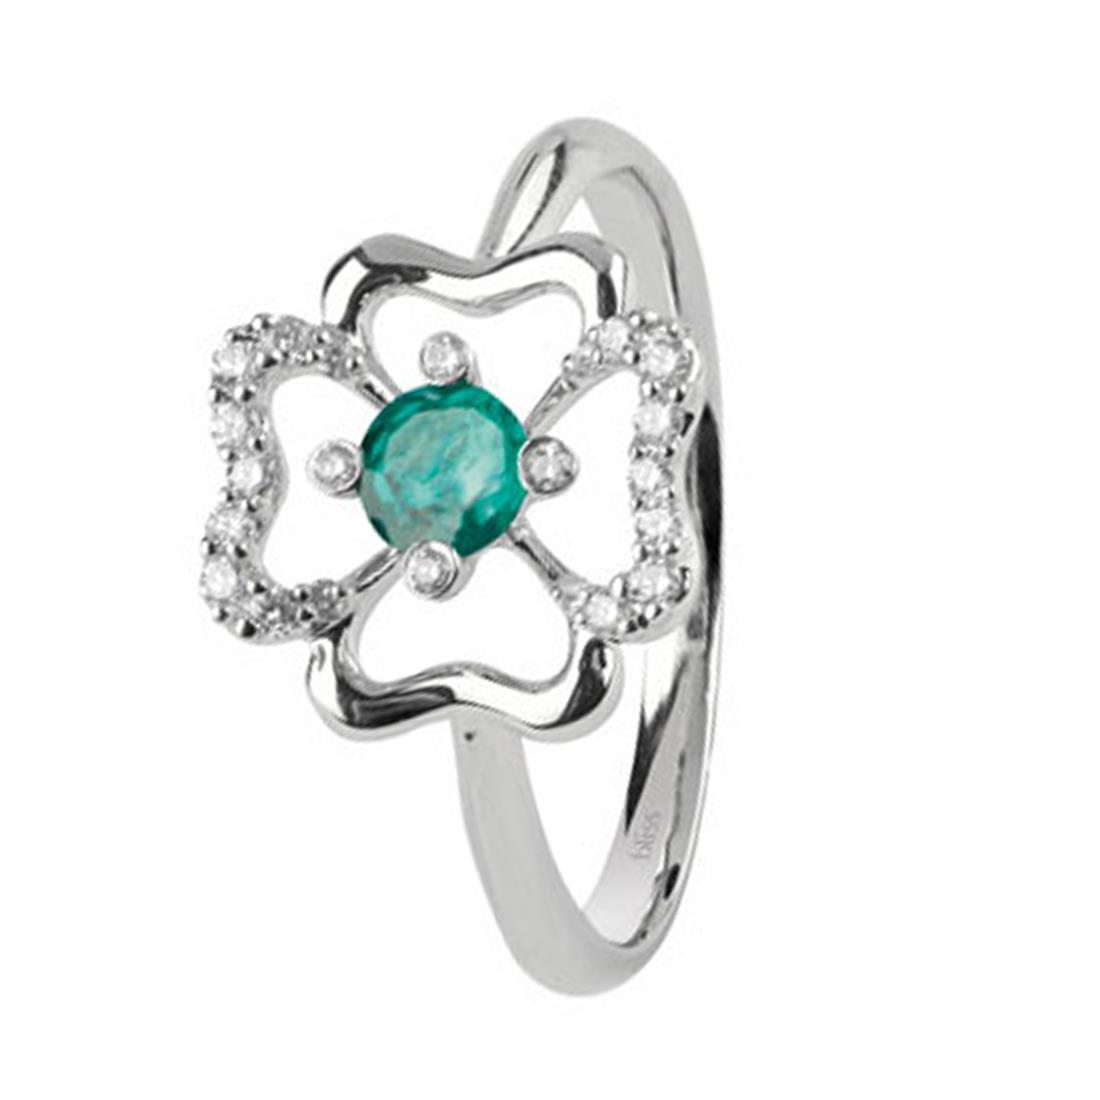 Anello con diamanti e smeraldo - BLISS